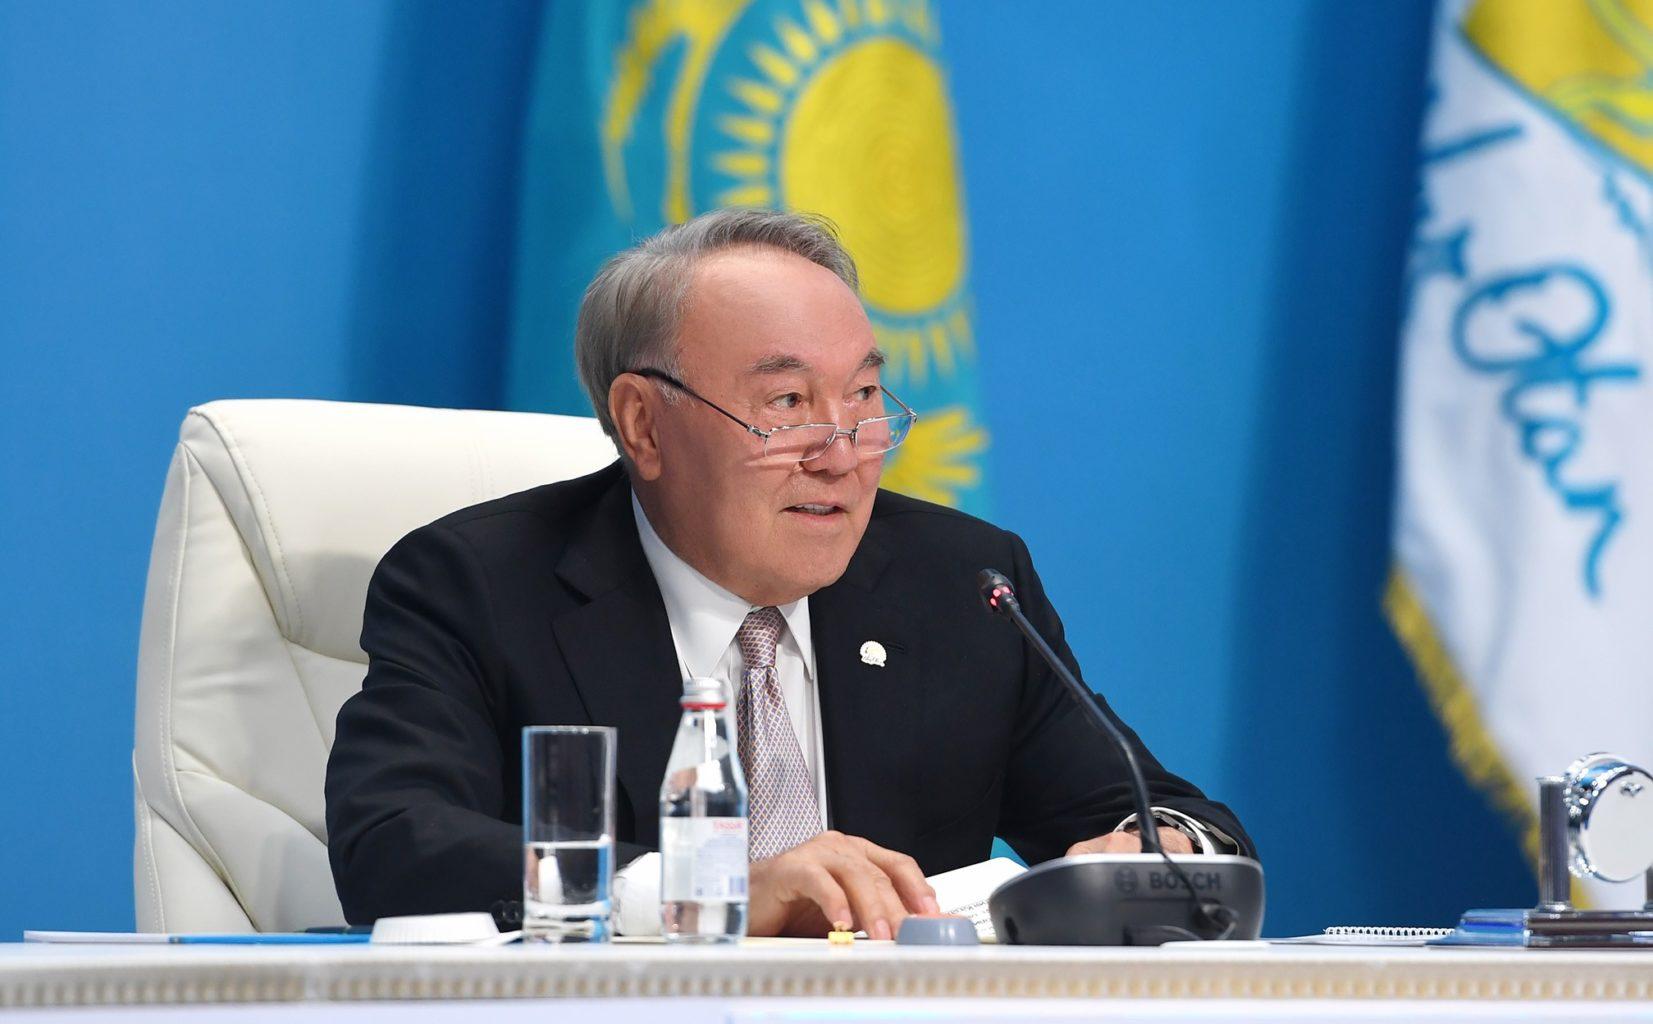 Нурсултан Назарбаев обратился к народу Казахстана